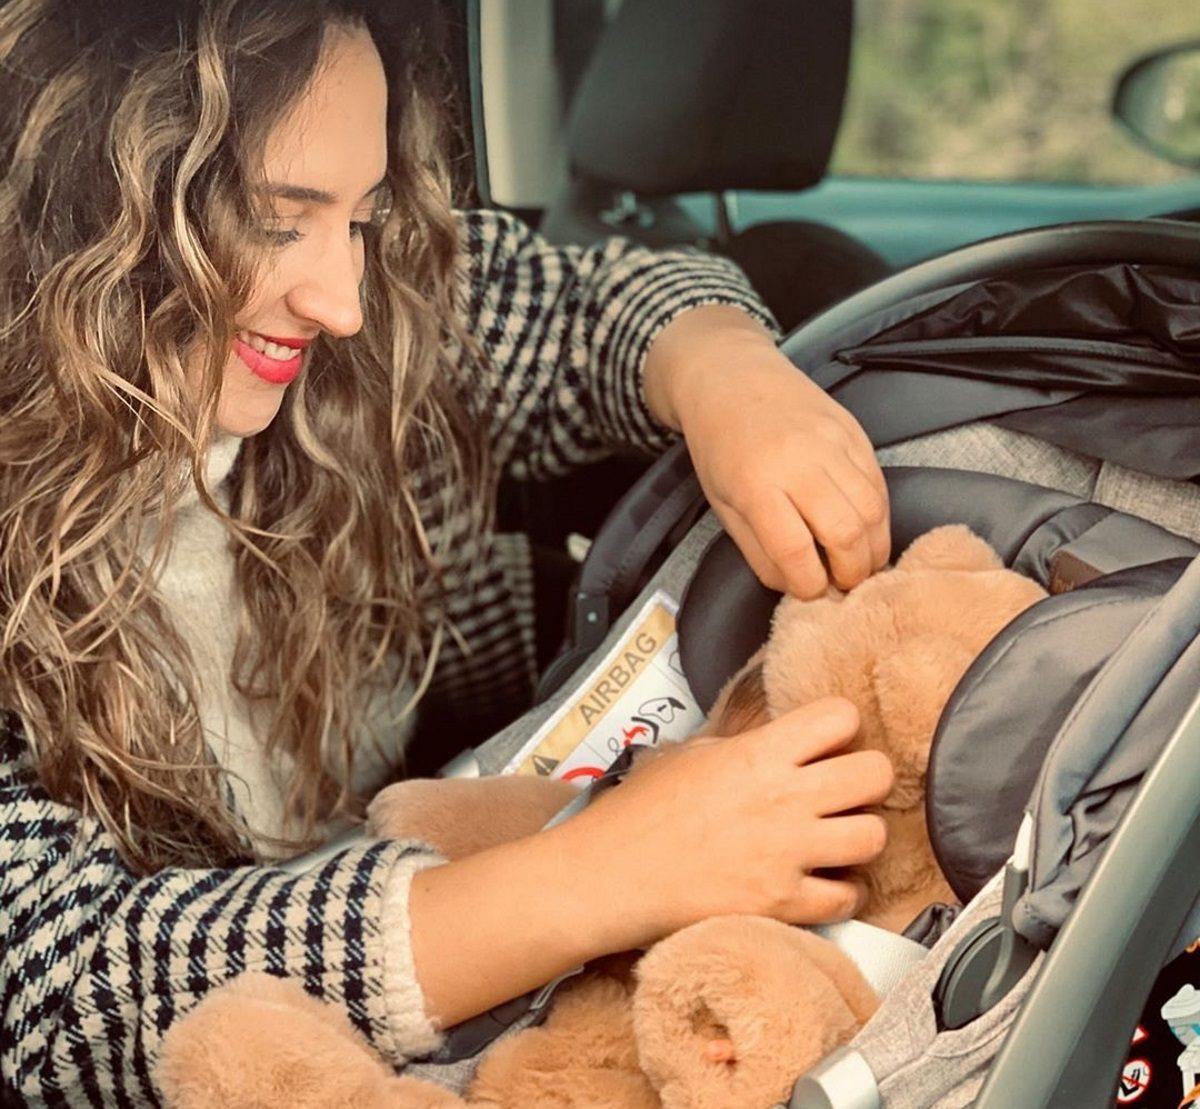 Κλέλια Πανταζή: Δημοσίευσε φωτογραφία που θηλάζει τον 40 ημερών γιο της! | tlife.gr